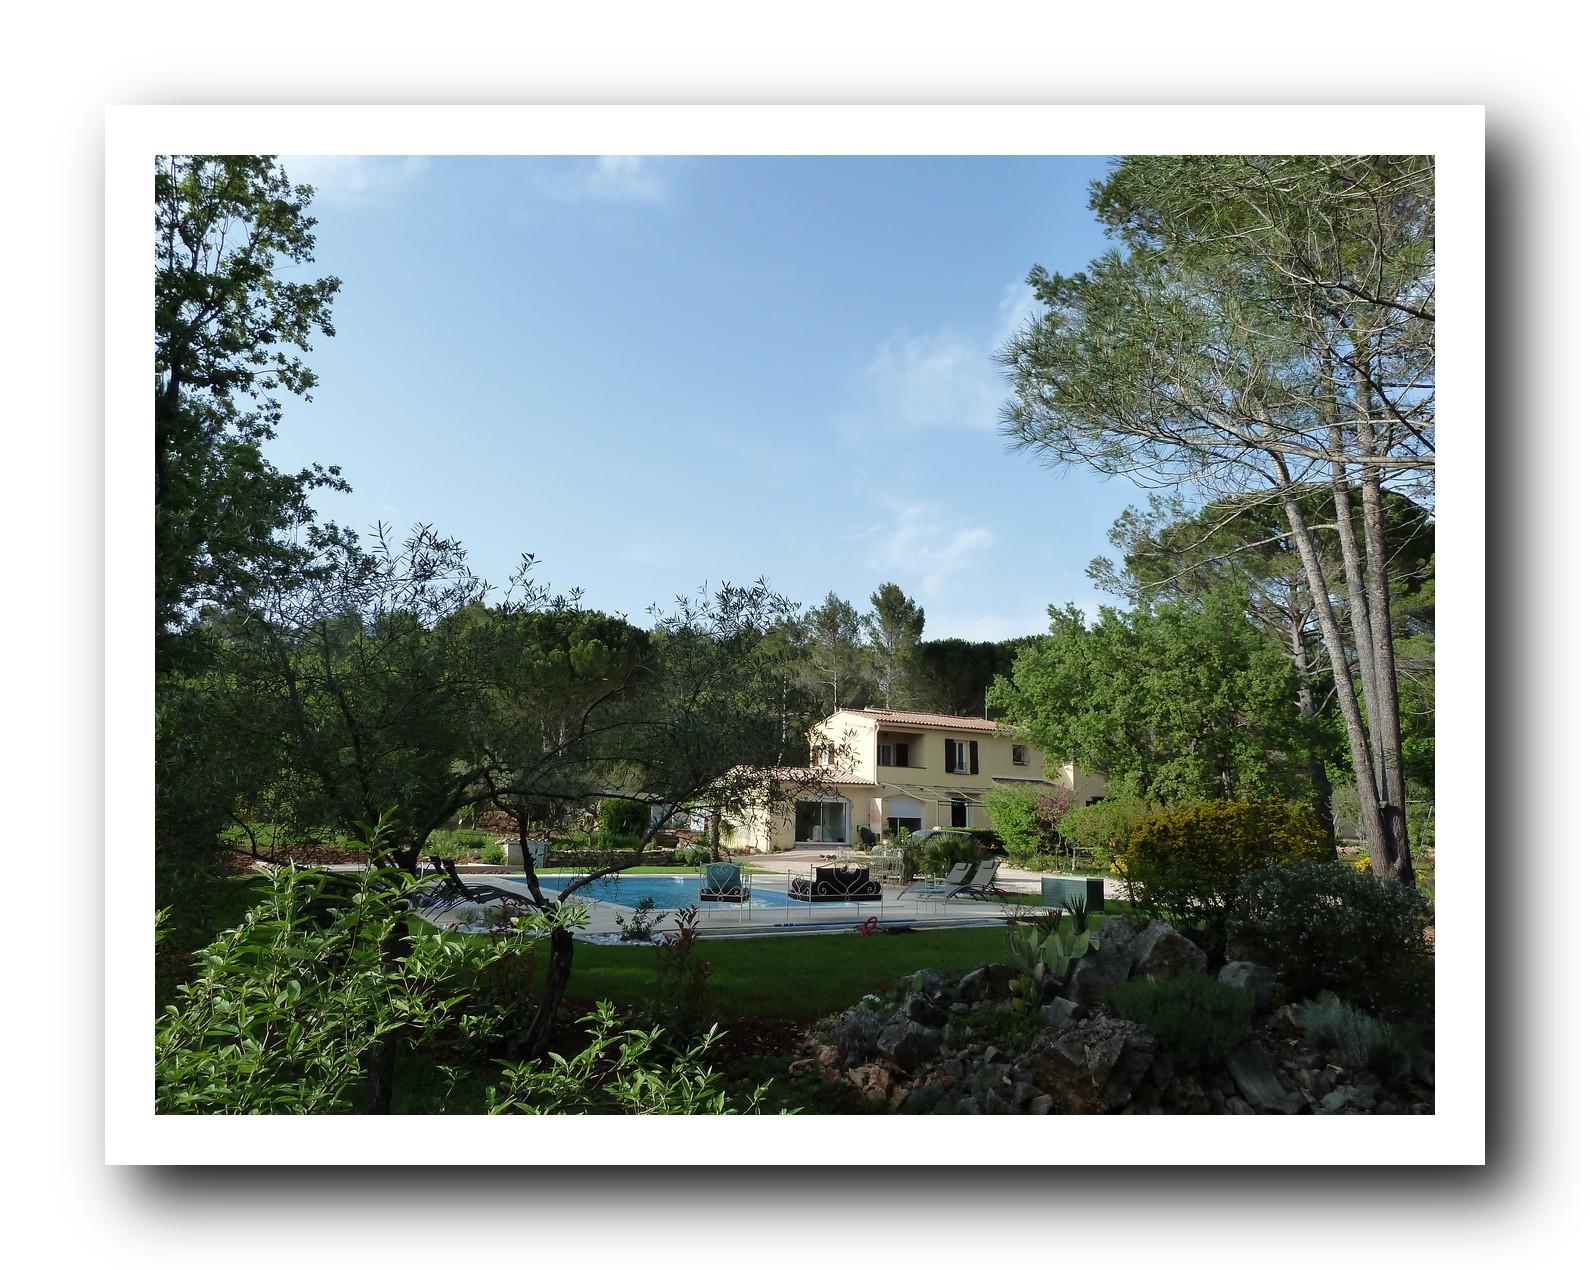 La maison de la cigale forcalqueiret les maisons d 39 h tes for A la maison de provence